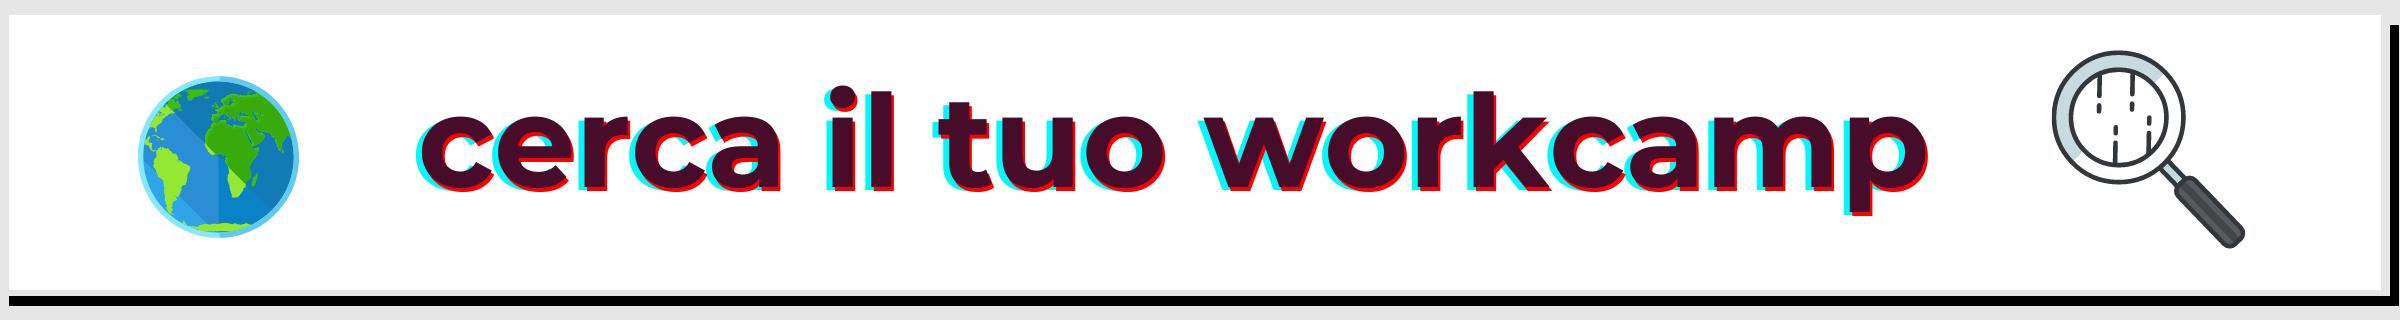 cerca il tuo workcamps mobile